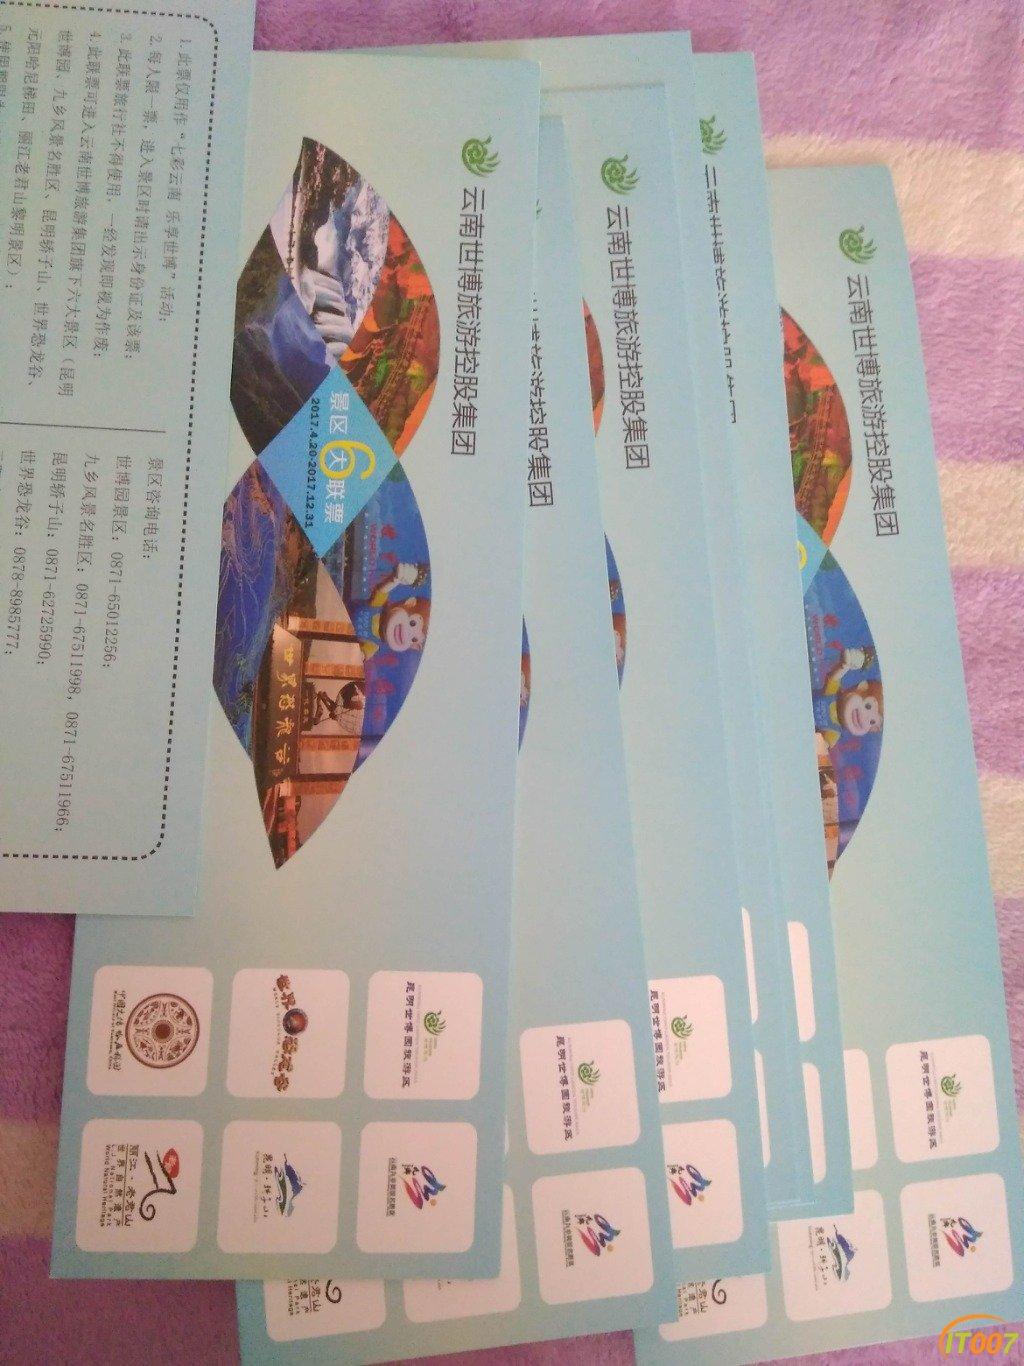 昆明野生动物园票(限1.4米以下儿童用) 20元一张    7.